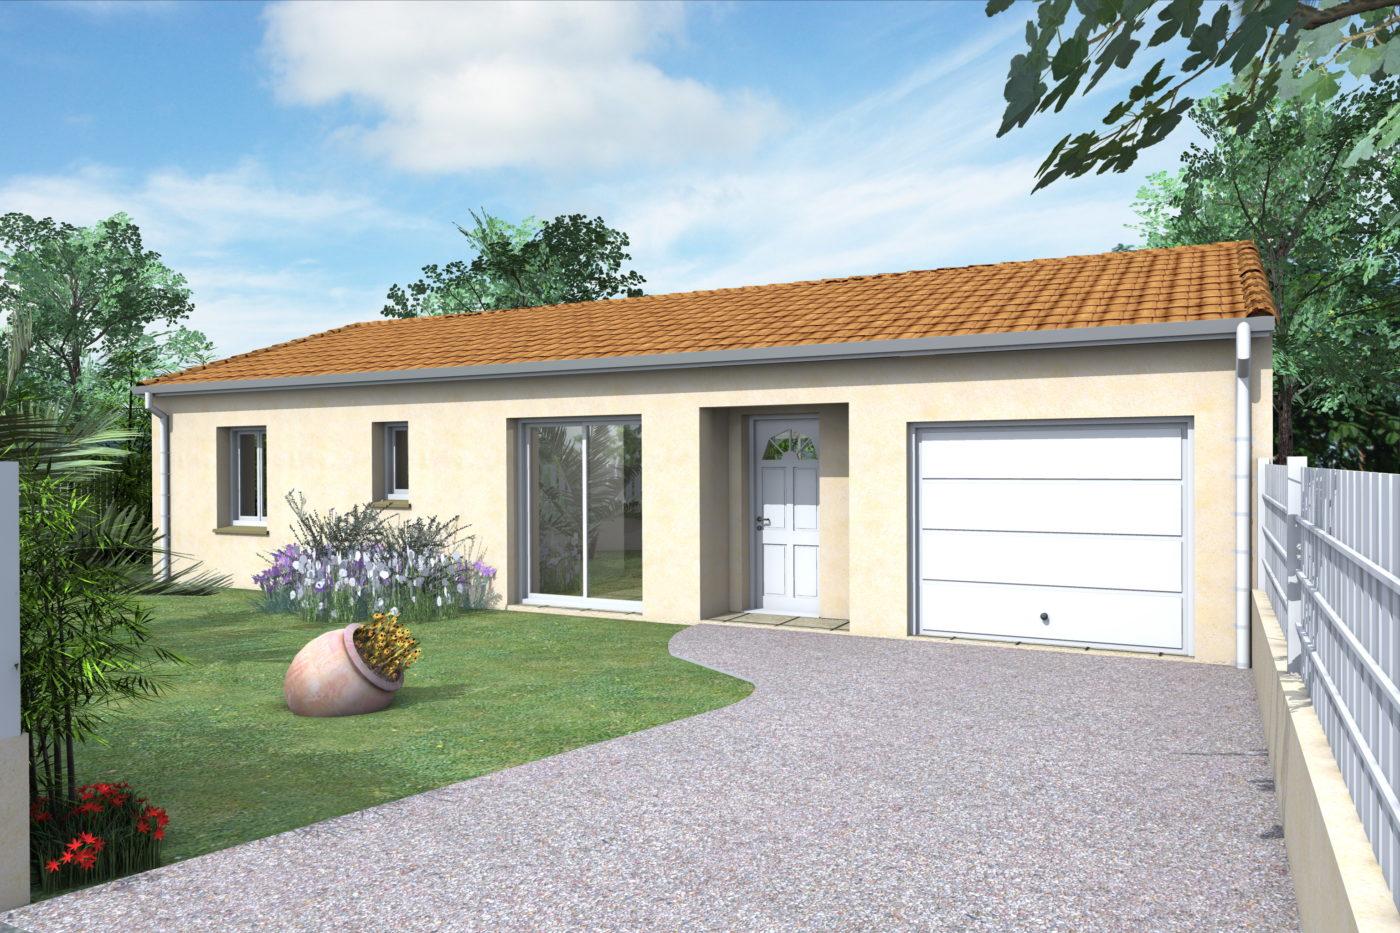 Maison construire les mathes bonne maison for Constructeur de maison individuelle 01